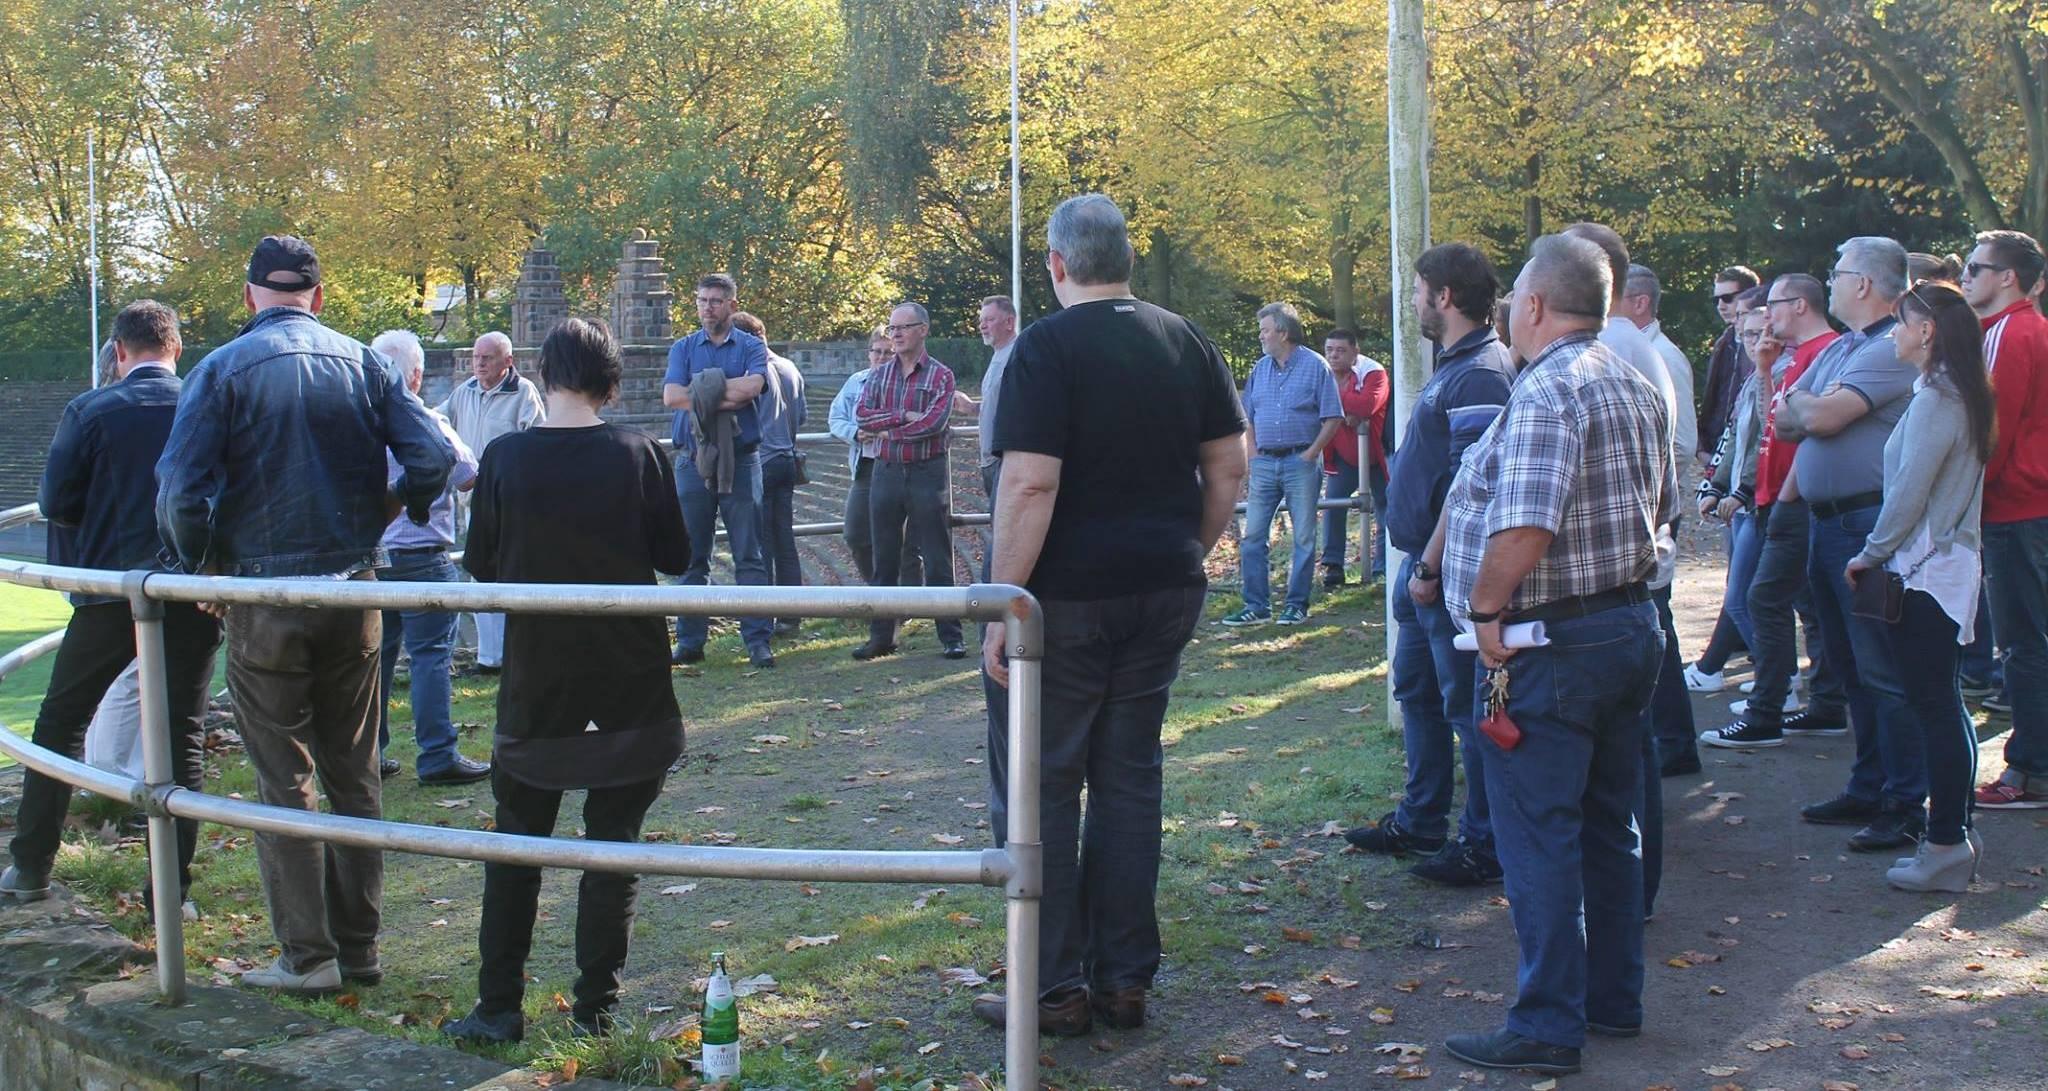 Rund 40 Leute nahmen an der nostalgischen Stadiontour teil. (Foto: Sauskat)